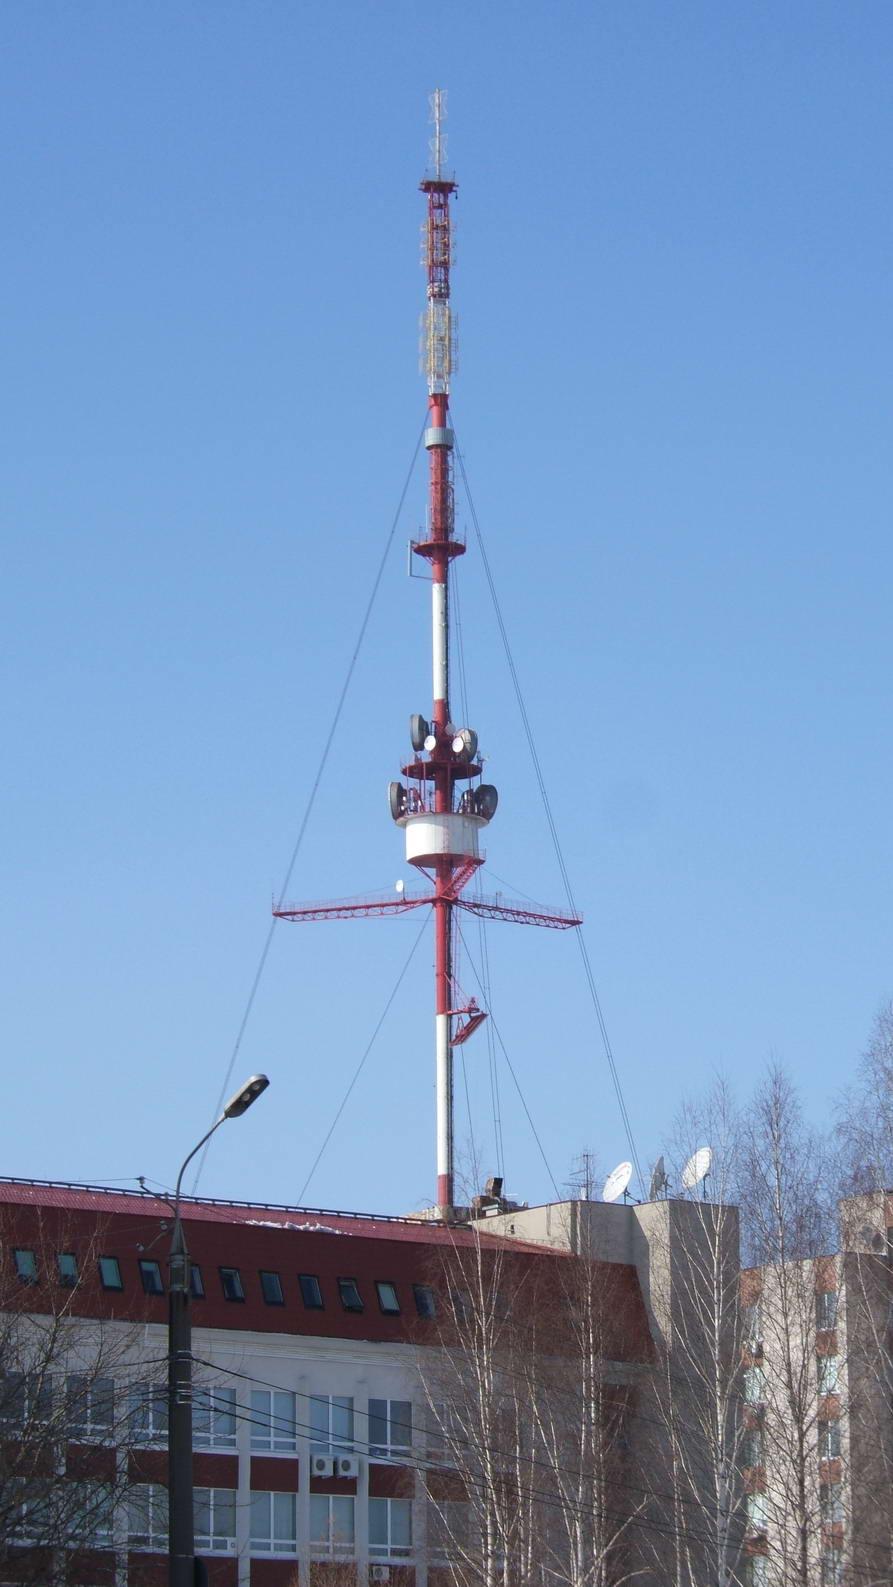 Телевышка на ул. Песочной, откуда вещают практически все радиостанции Ижевска. Фото: vcfm.ru